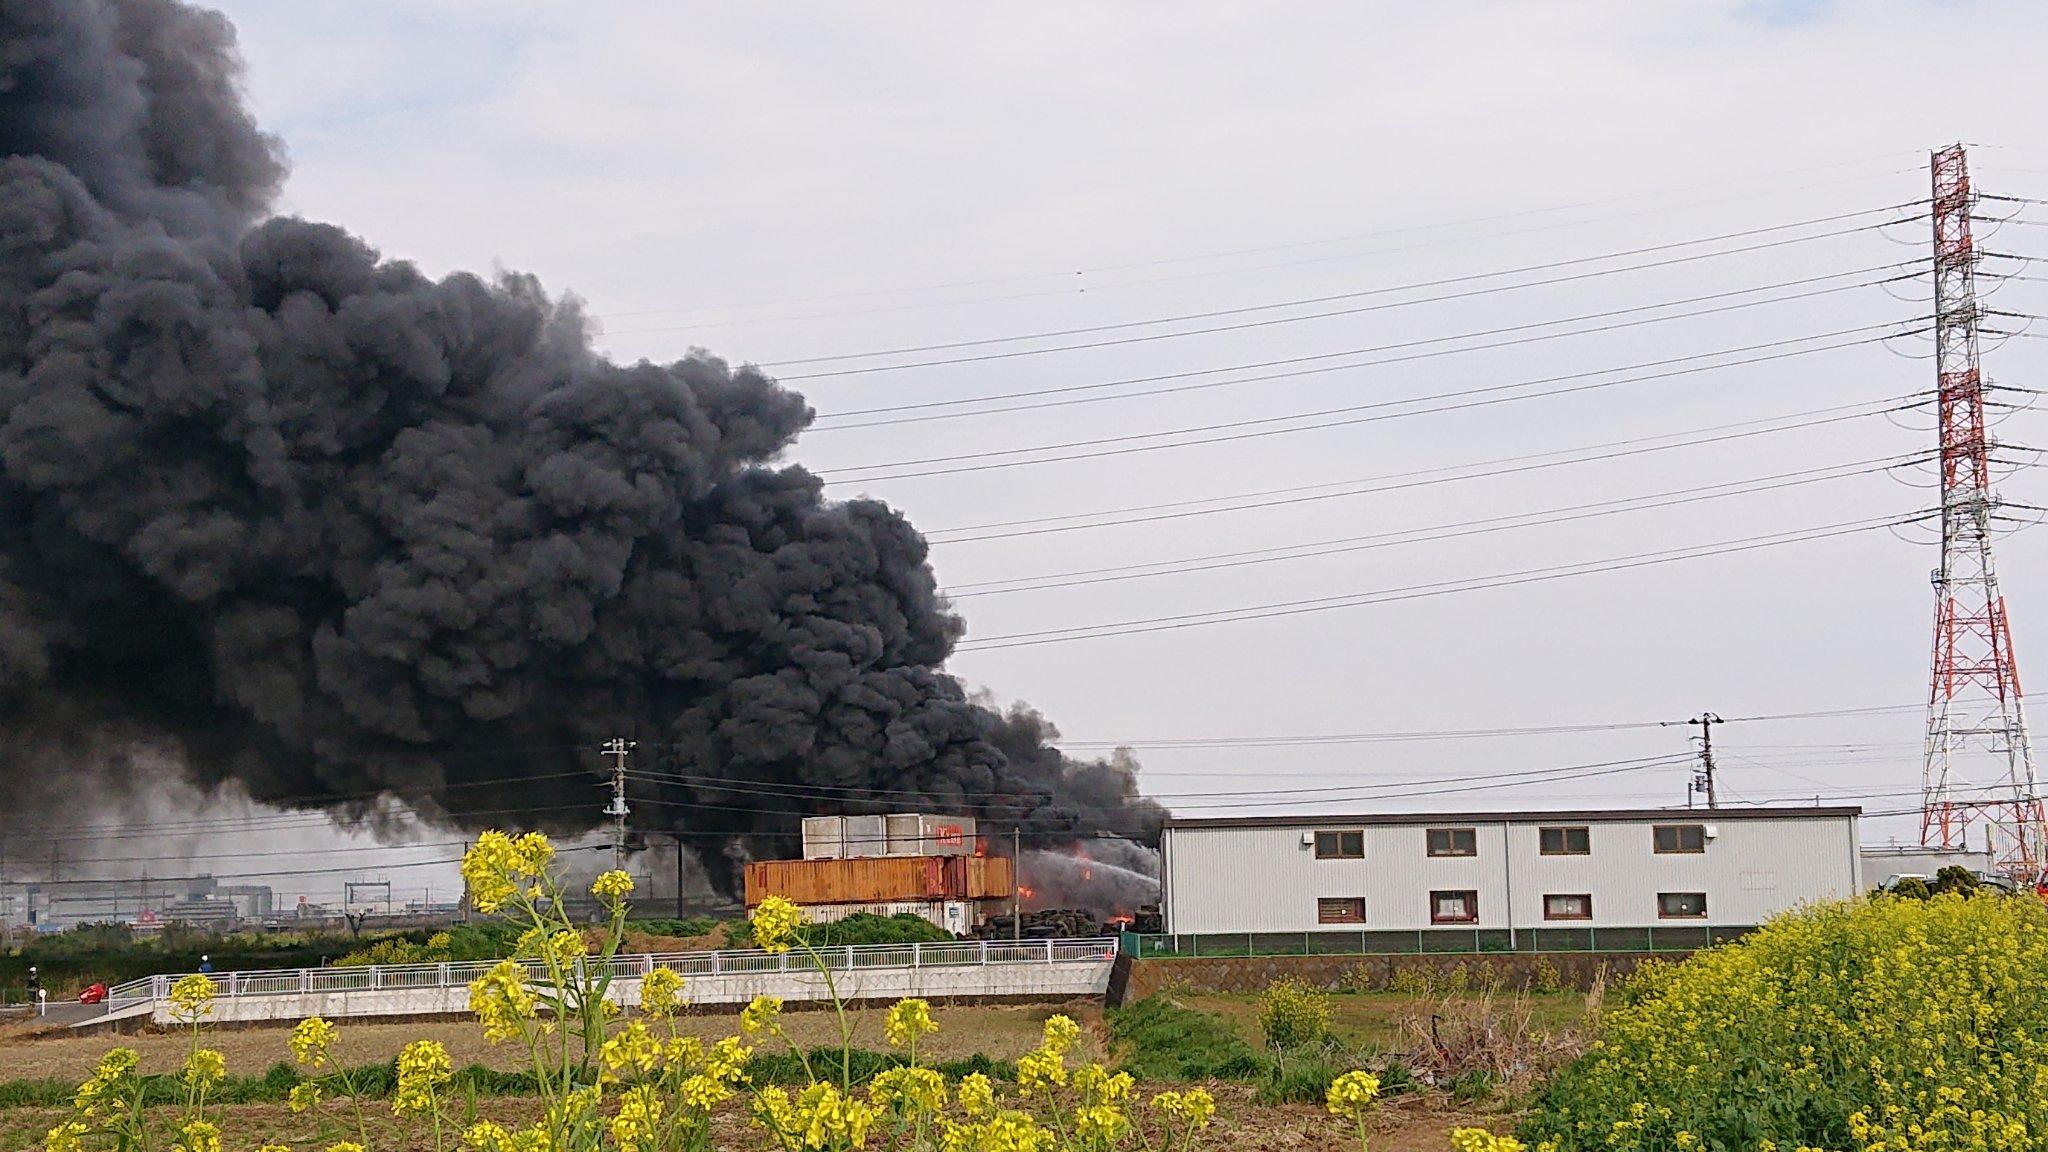 平塚市大島のタイヤ廃棄場で火災が起きている画像